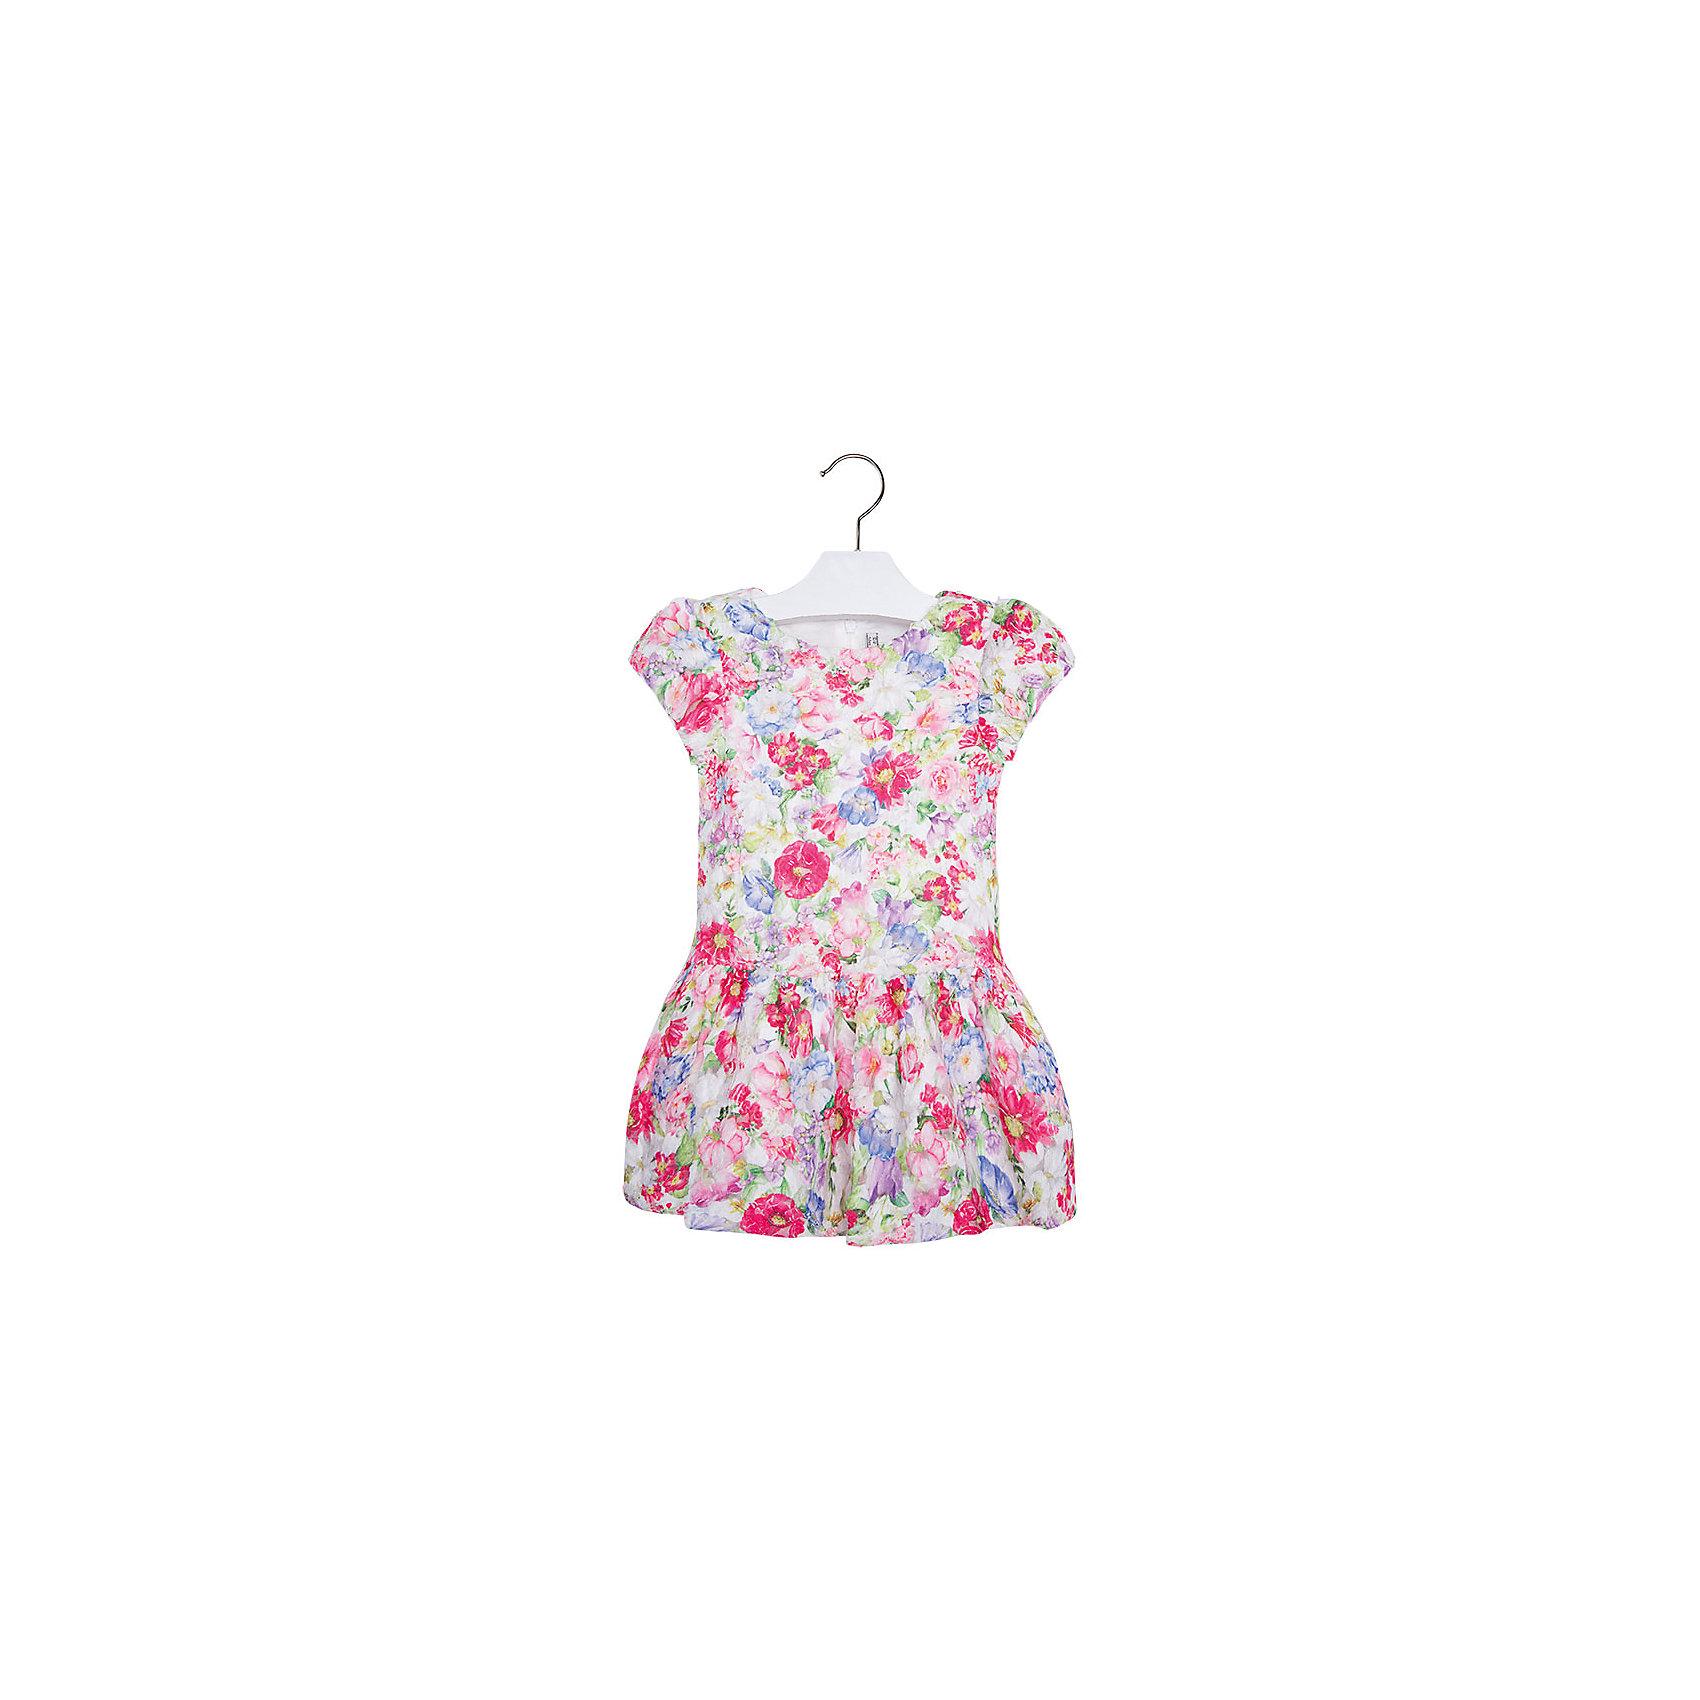 Платье для девочки MayoralПлатье для девочки от известной испанской марки Mayoral <br><br>Очень красивое платье от Mayoral отлично смотрится на любой маленькой принцессе! Выглядит нарядно и оригинально. Модель выполнена из качественных материалов, отлично сидит по фигуре.<br><br>Особенности модели:<br><br>- цвет: розовый;<br>- украшено принтом;<br>- сзади молния.<br><br>Дополнительная информация:<br><br>Состав: 100% полиэстер<br><br>Платье для девочки Mayoral (Майорал) можно купить в нашем магазине.<br><br>Ширина мм: 236<br>Глубина мм: 16<br>Высота мм: 184<br>Вес г: 177<br>Цвет: красный<br>Возраст от месяцев: 24<br>Возраст до месяцев: 36<br>Пол: Женский<br>Возраст: Детский<br>Размер: 98,104,122,92,134,128,116,110<br>SKU: 4543162